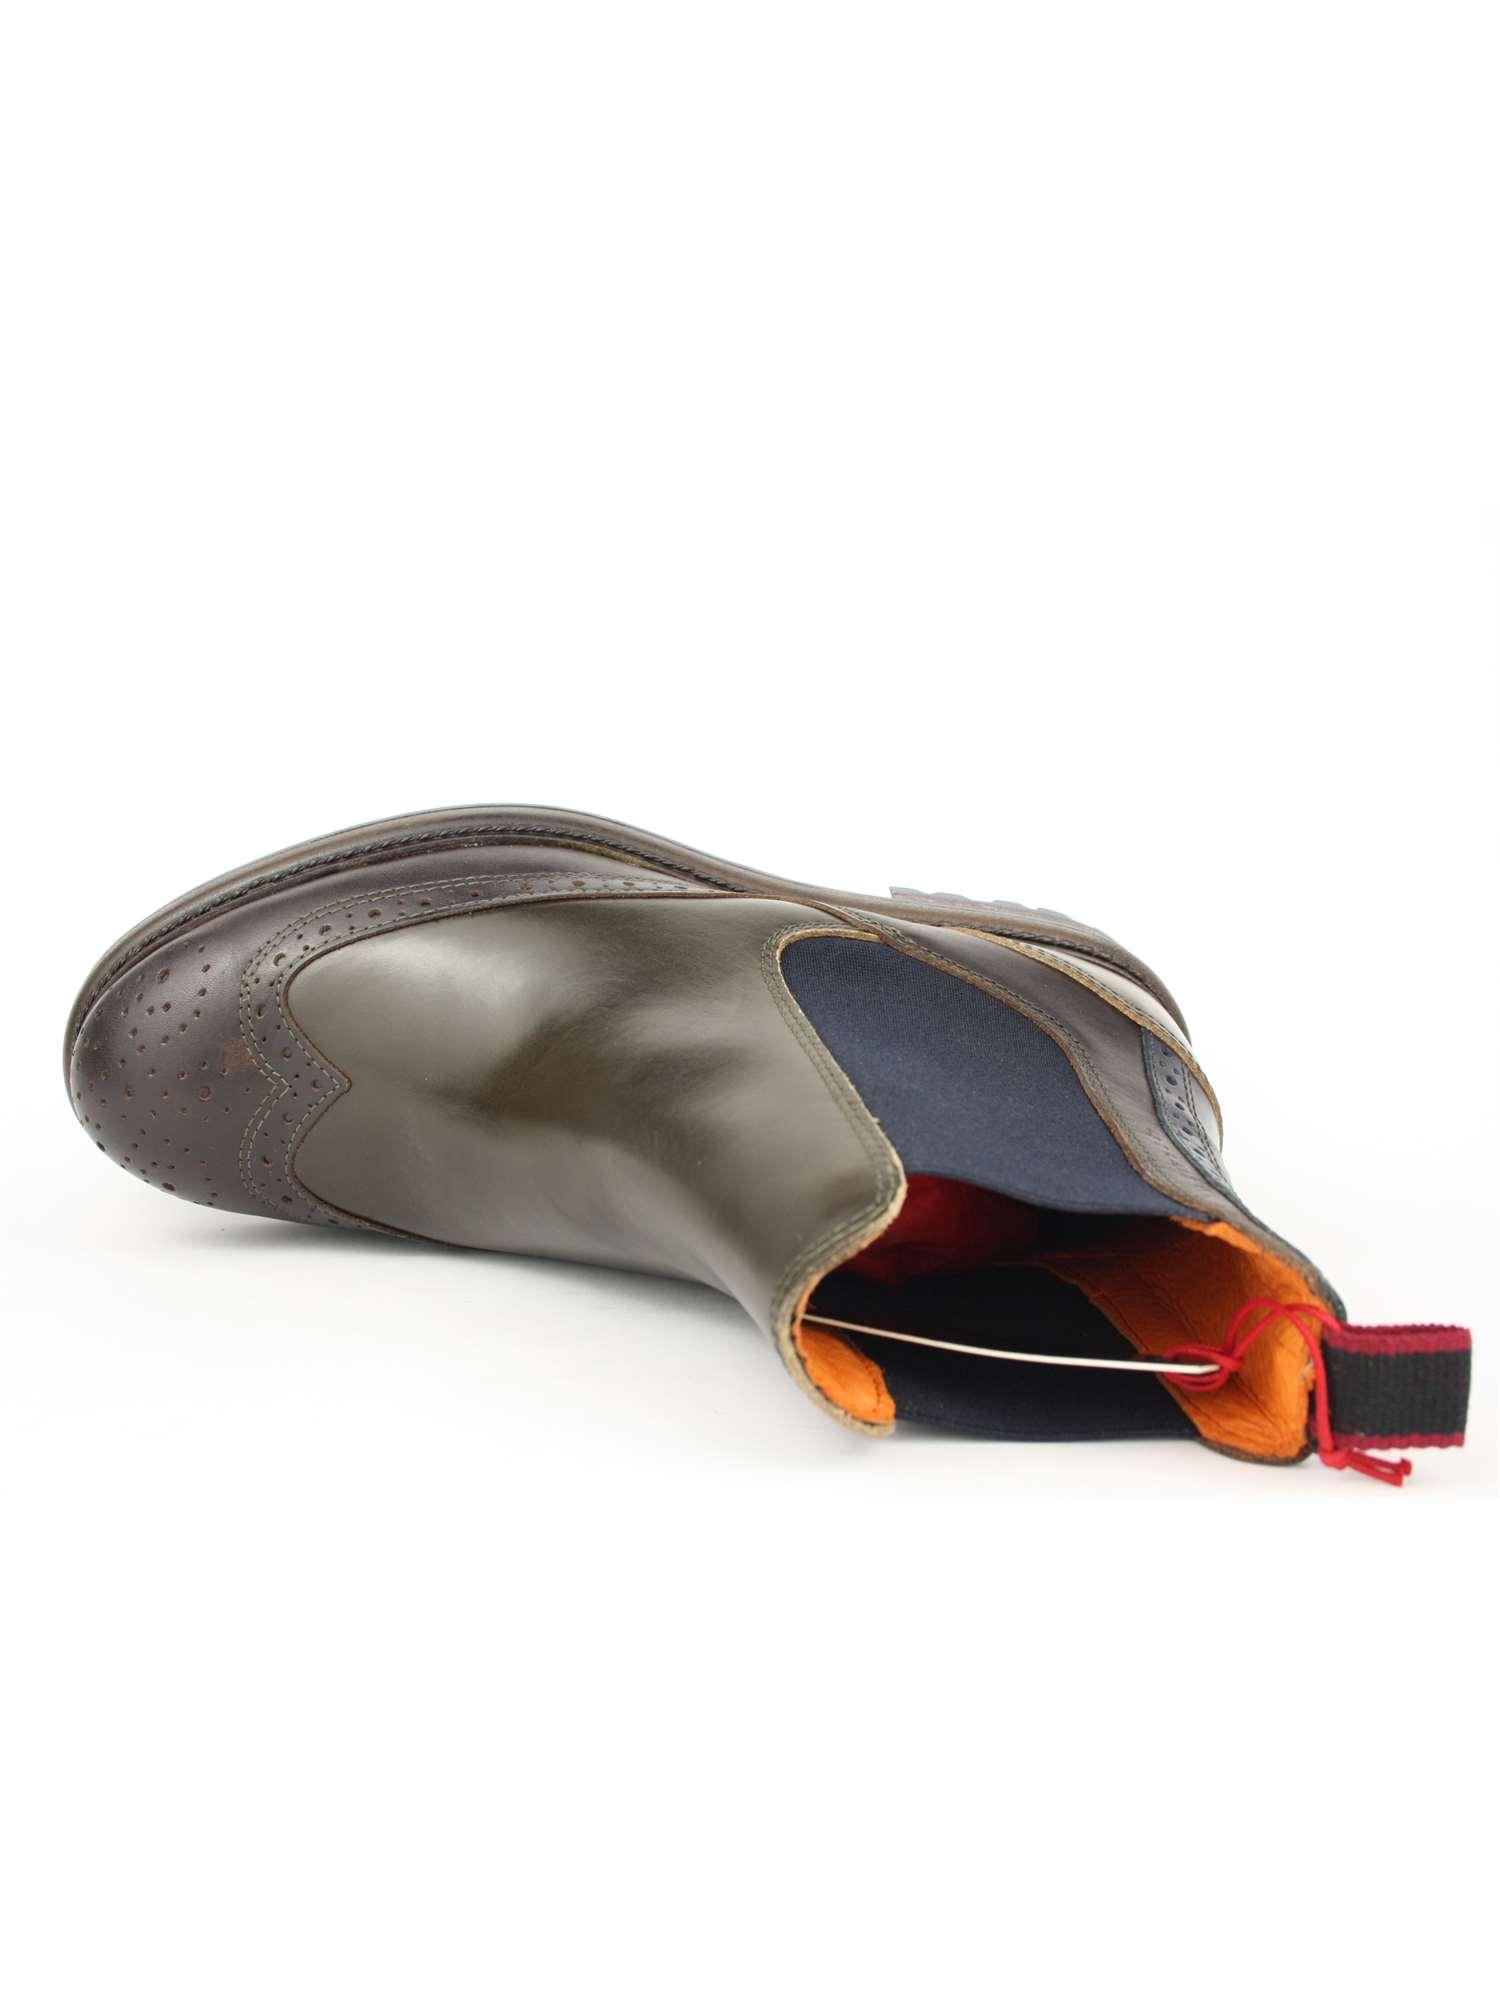 Ambitious Shoes Beatles T.moro  cf93ae6e8e7